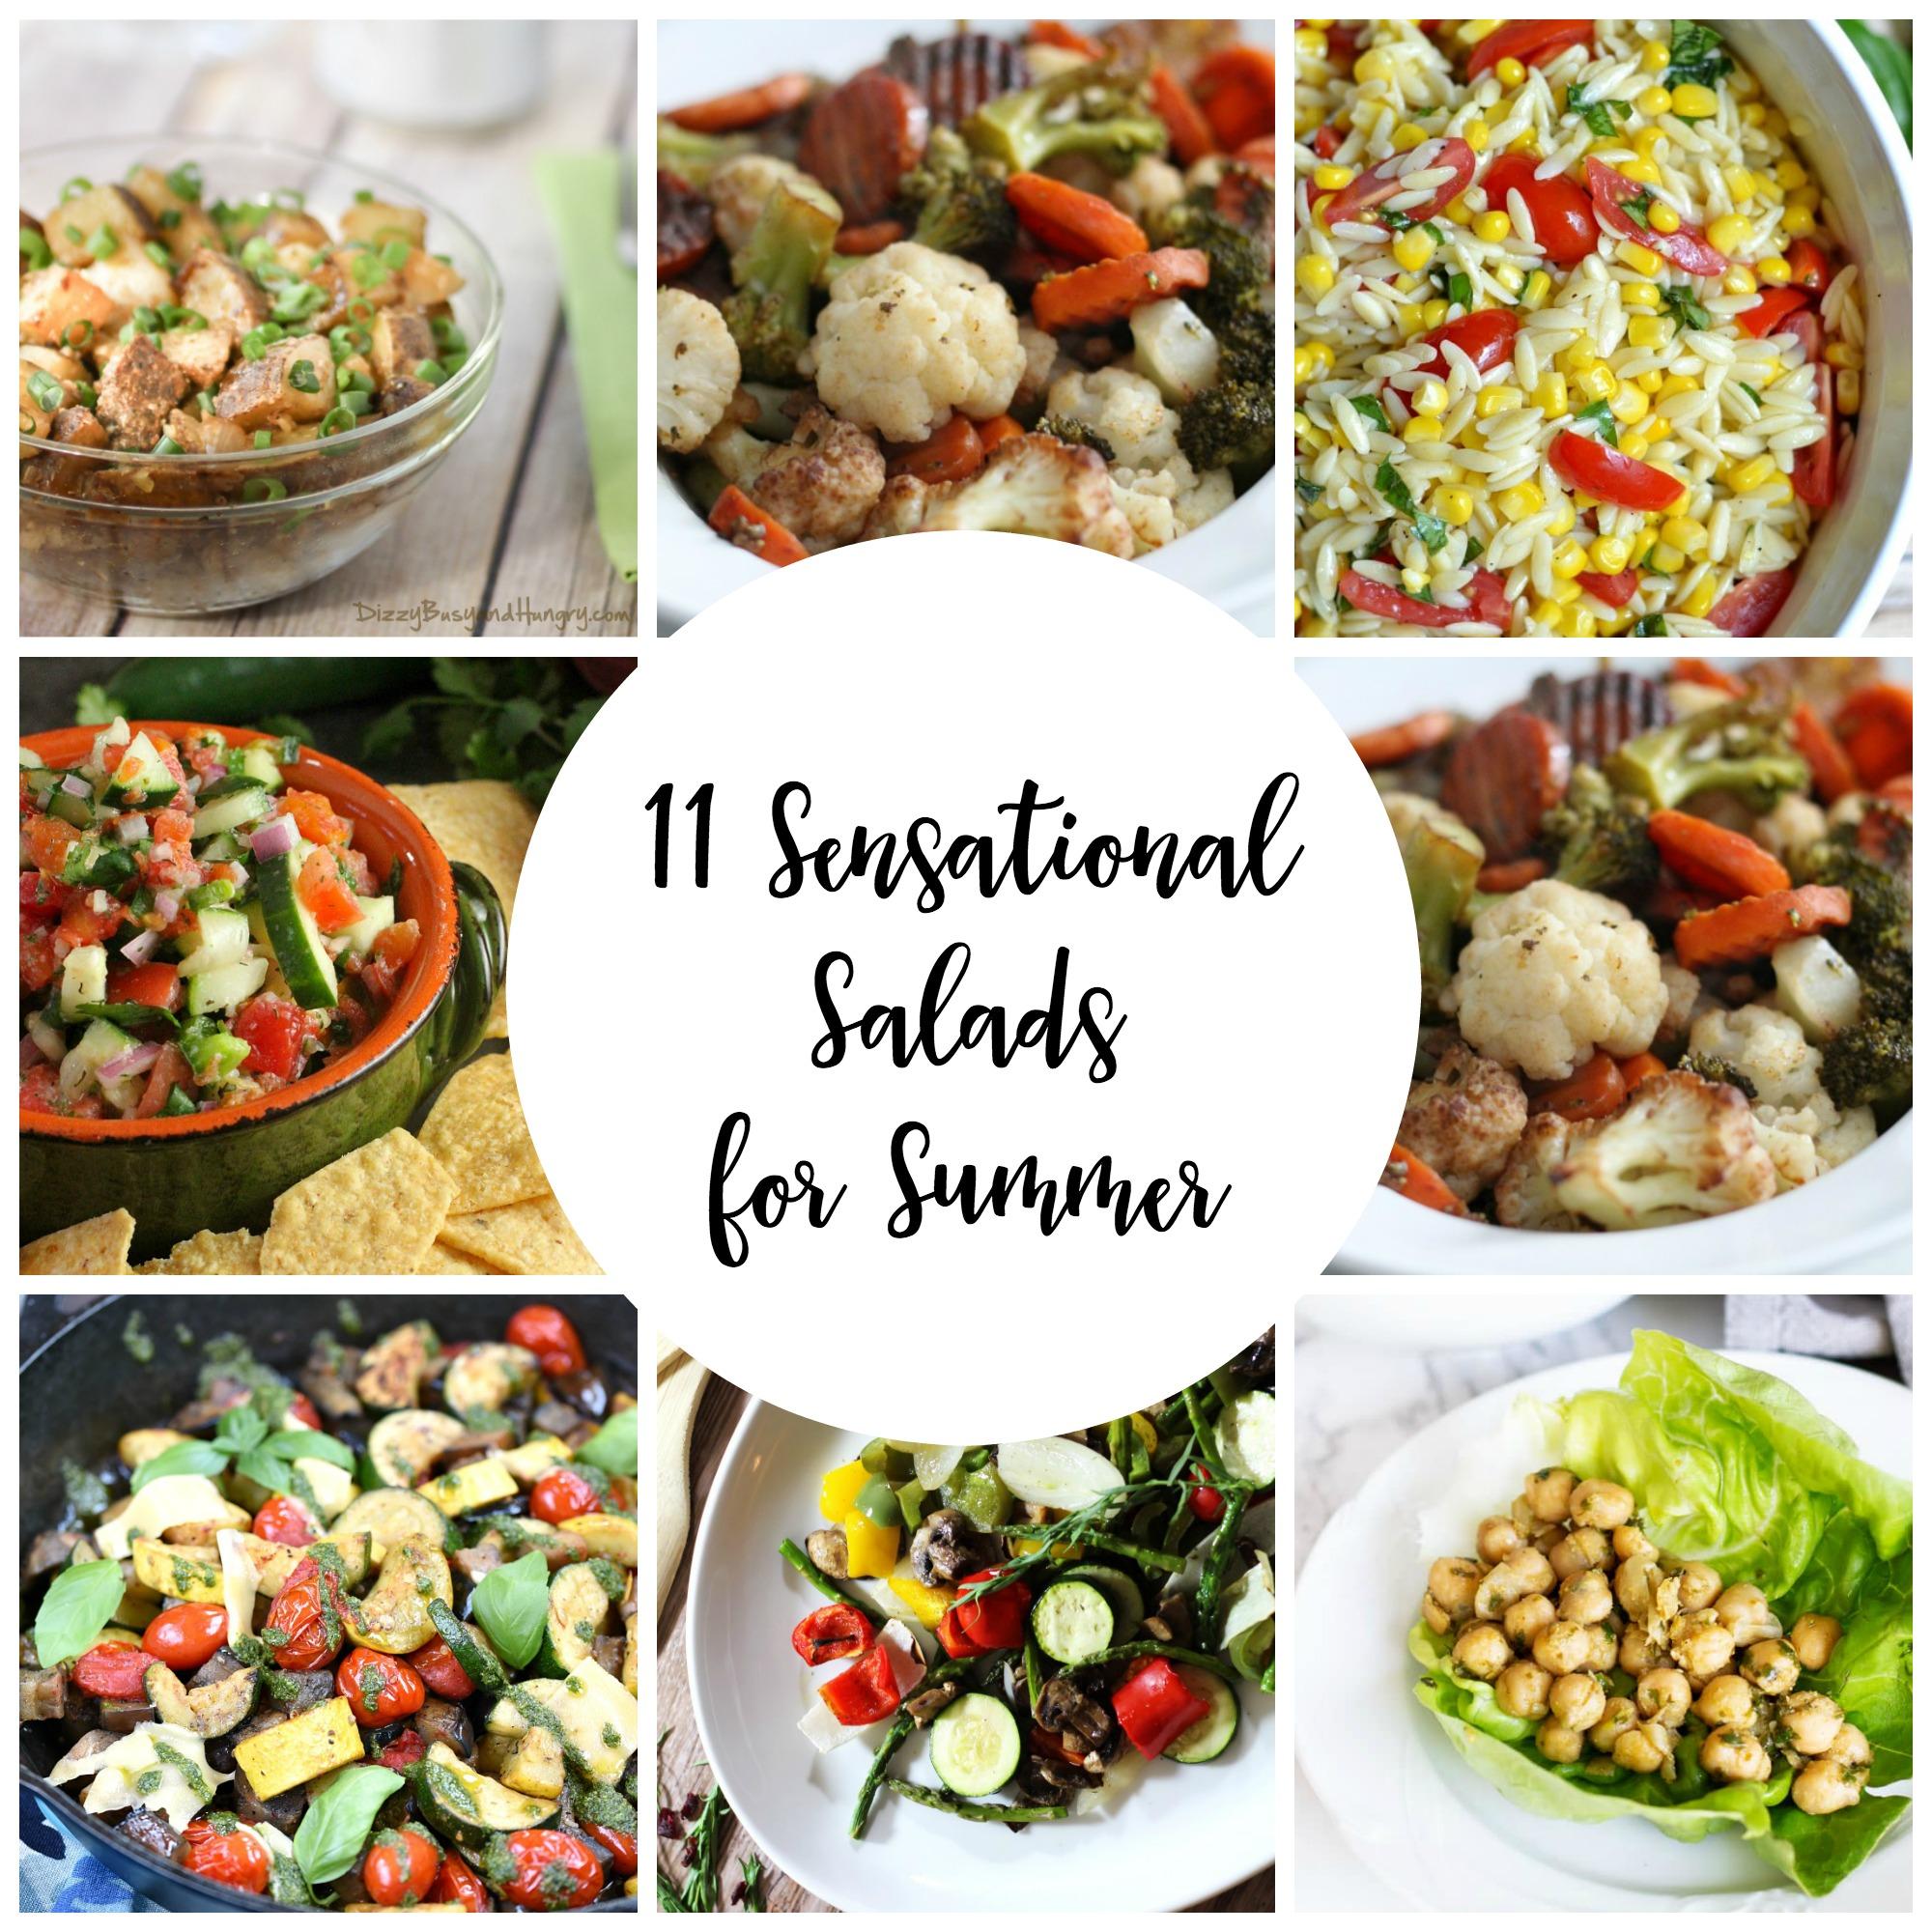 11 Sensational Salads for Summer